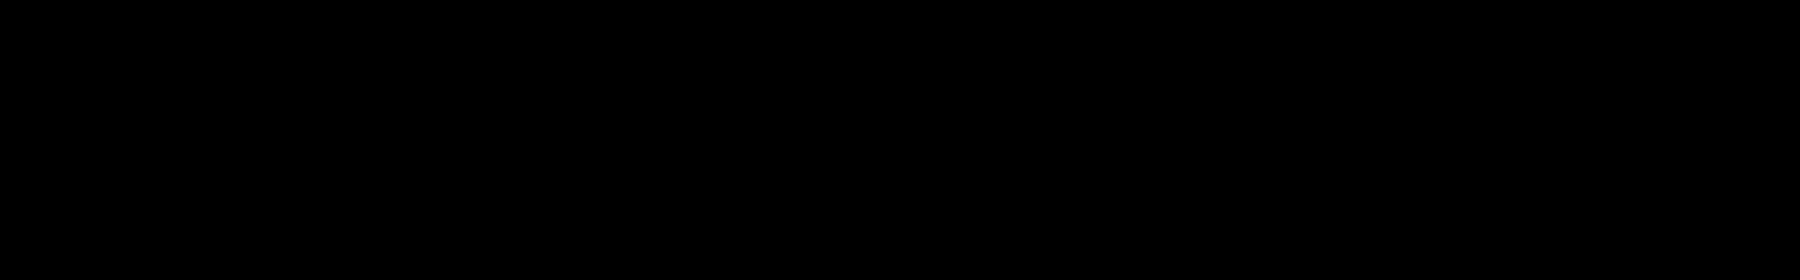 Psytrance Evolution 2 audio waveform